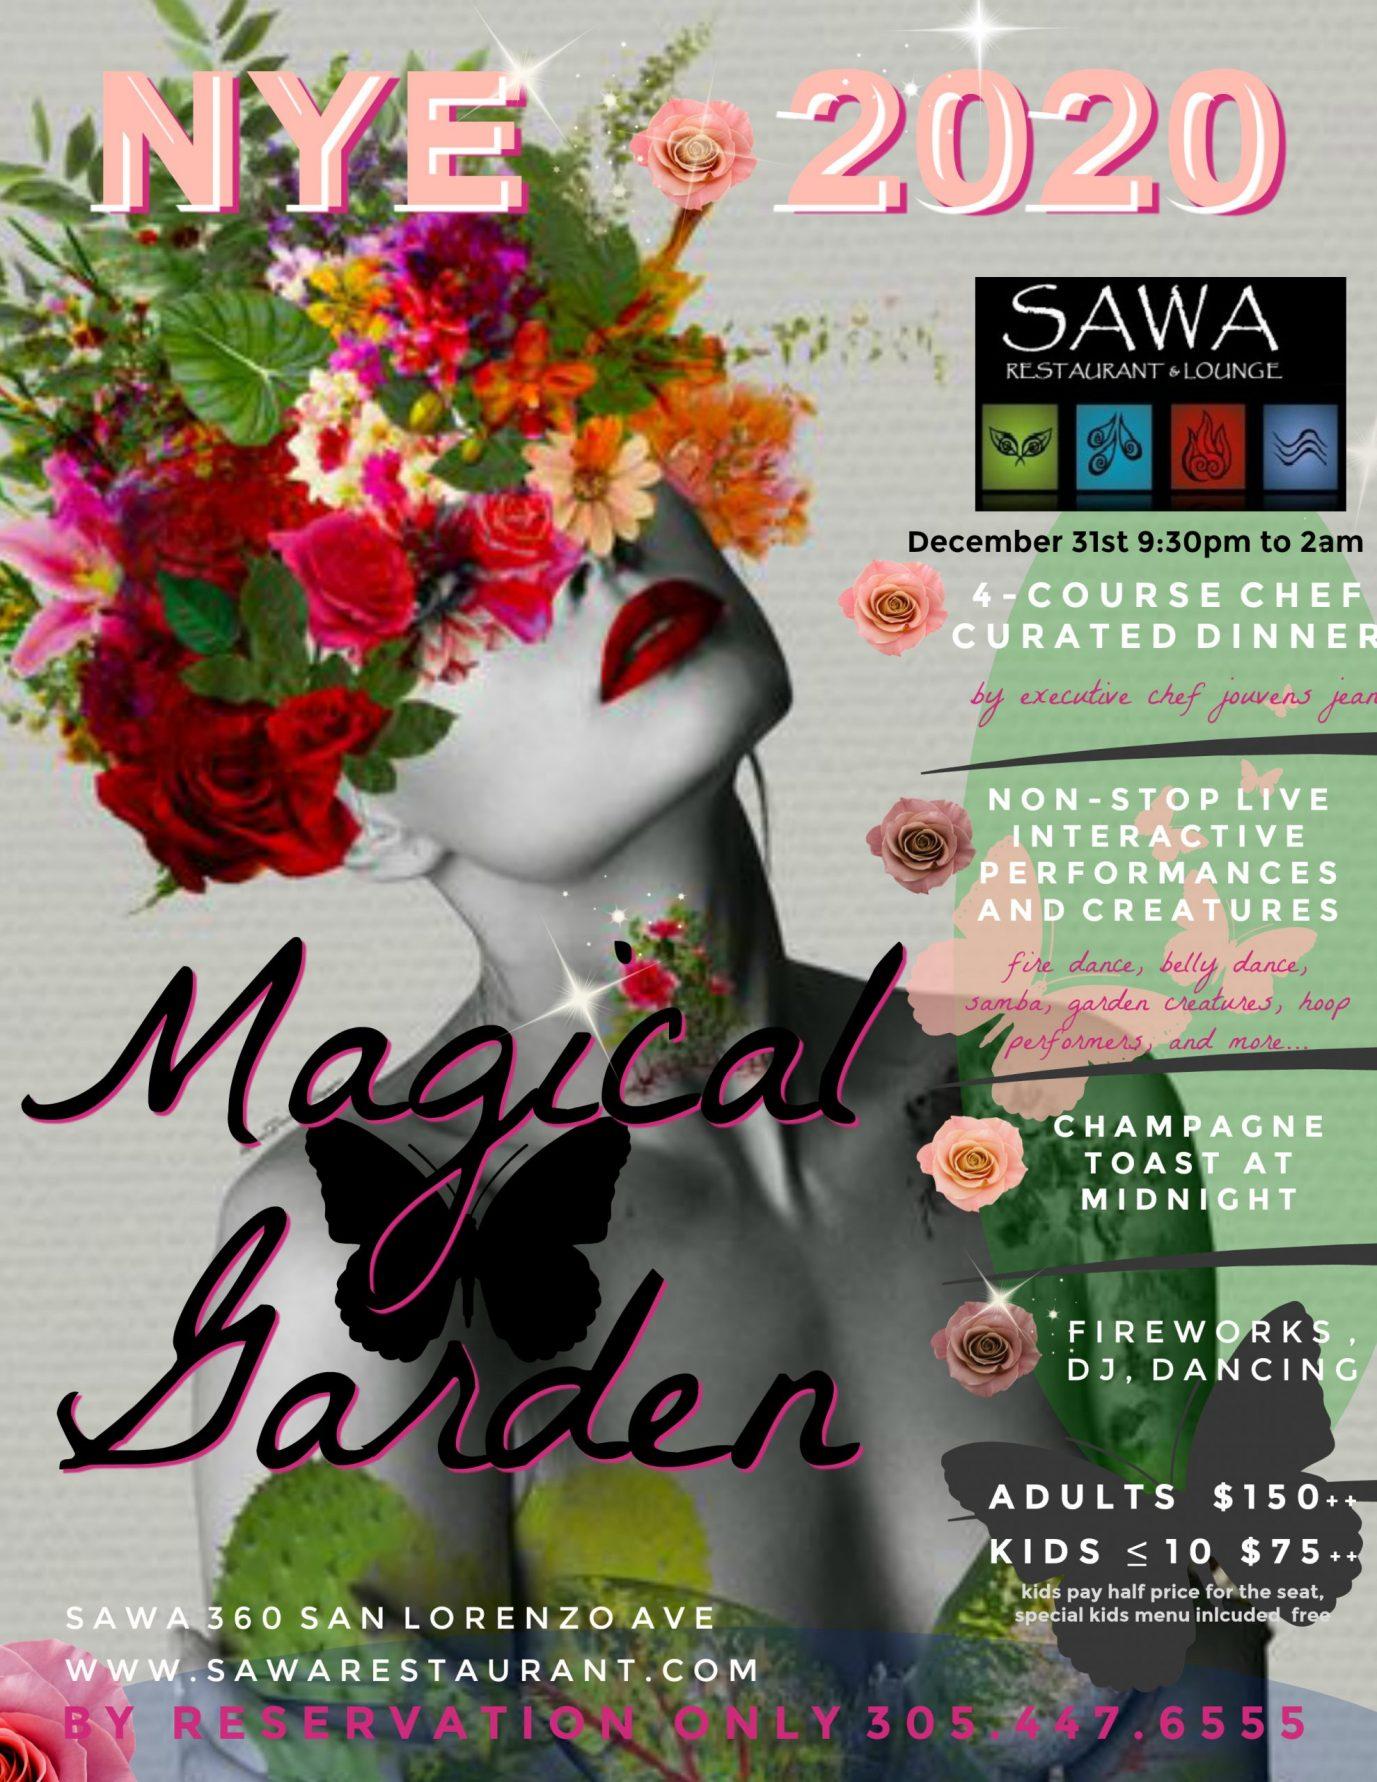 sawa nye 2020 magical garden